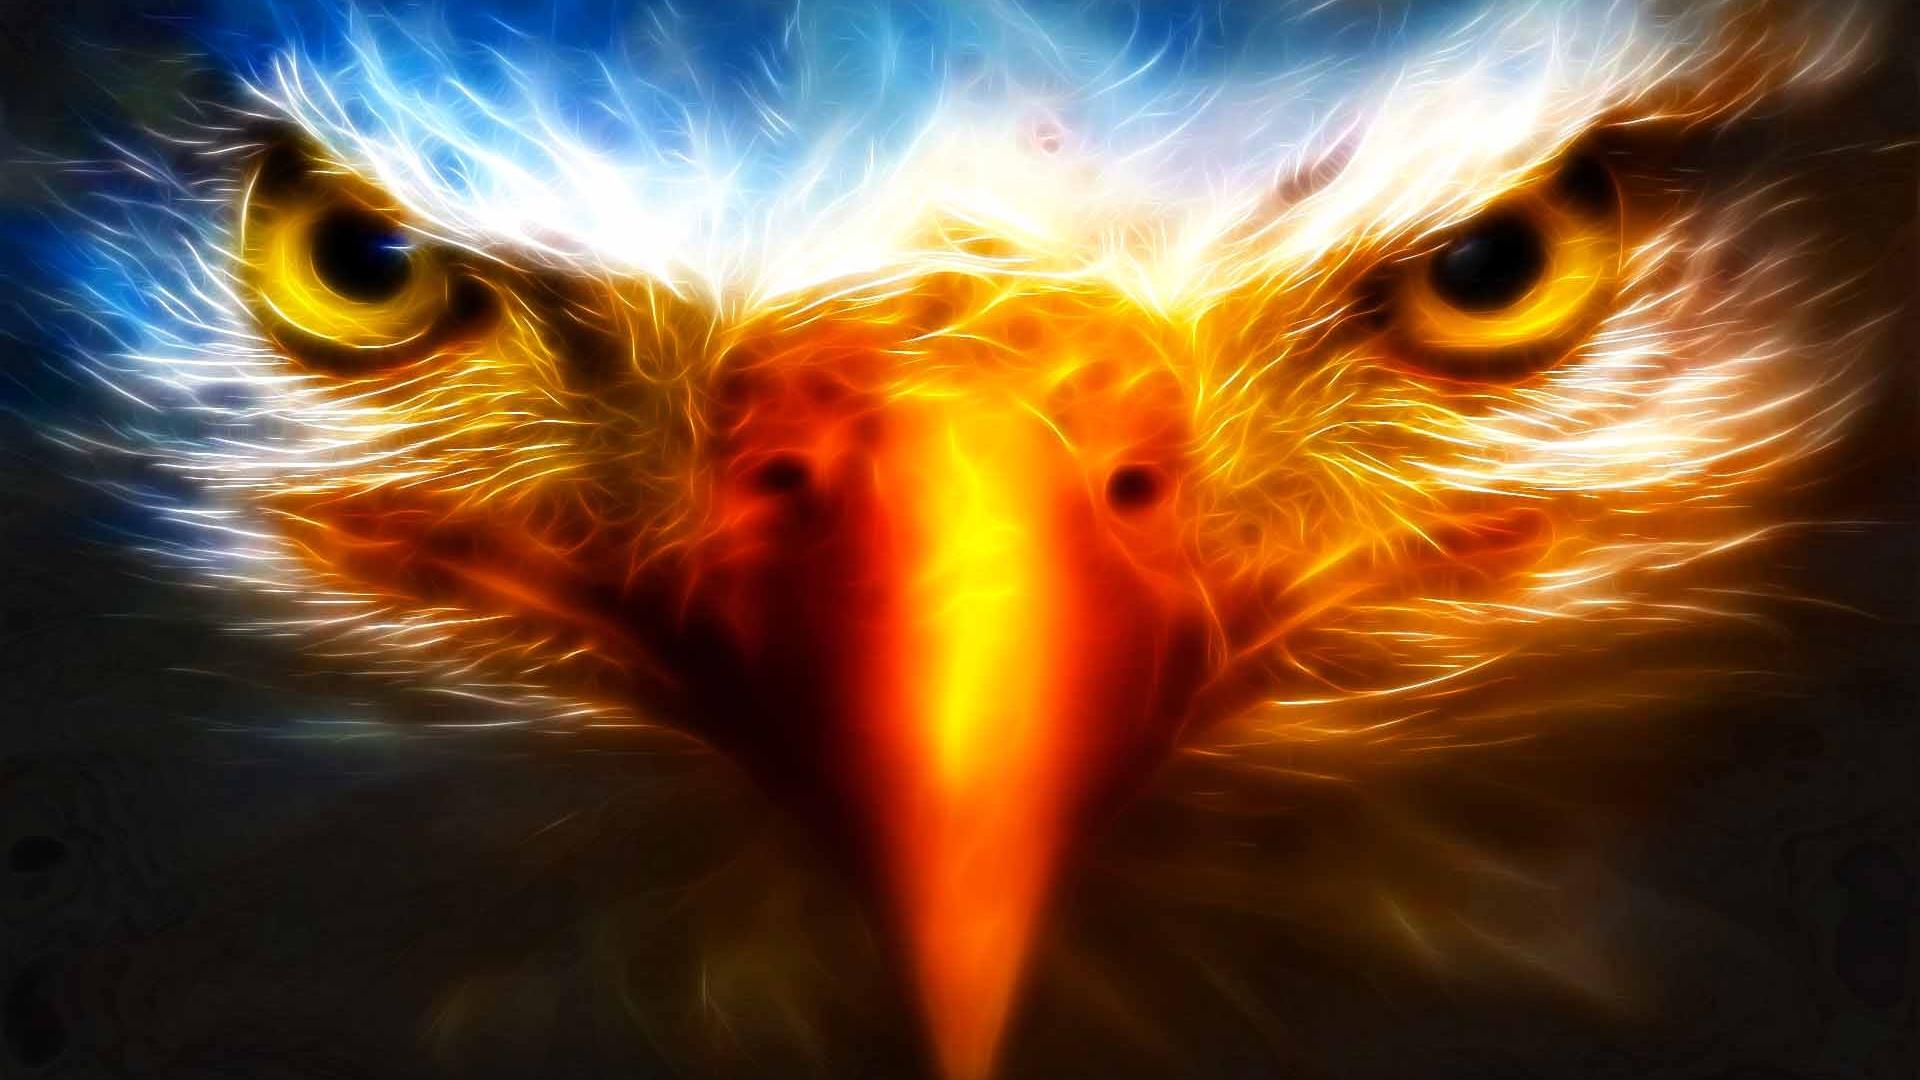 Eagle wallpaper   742881 1920x1080